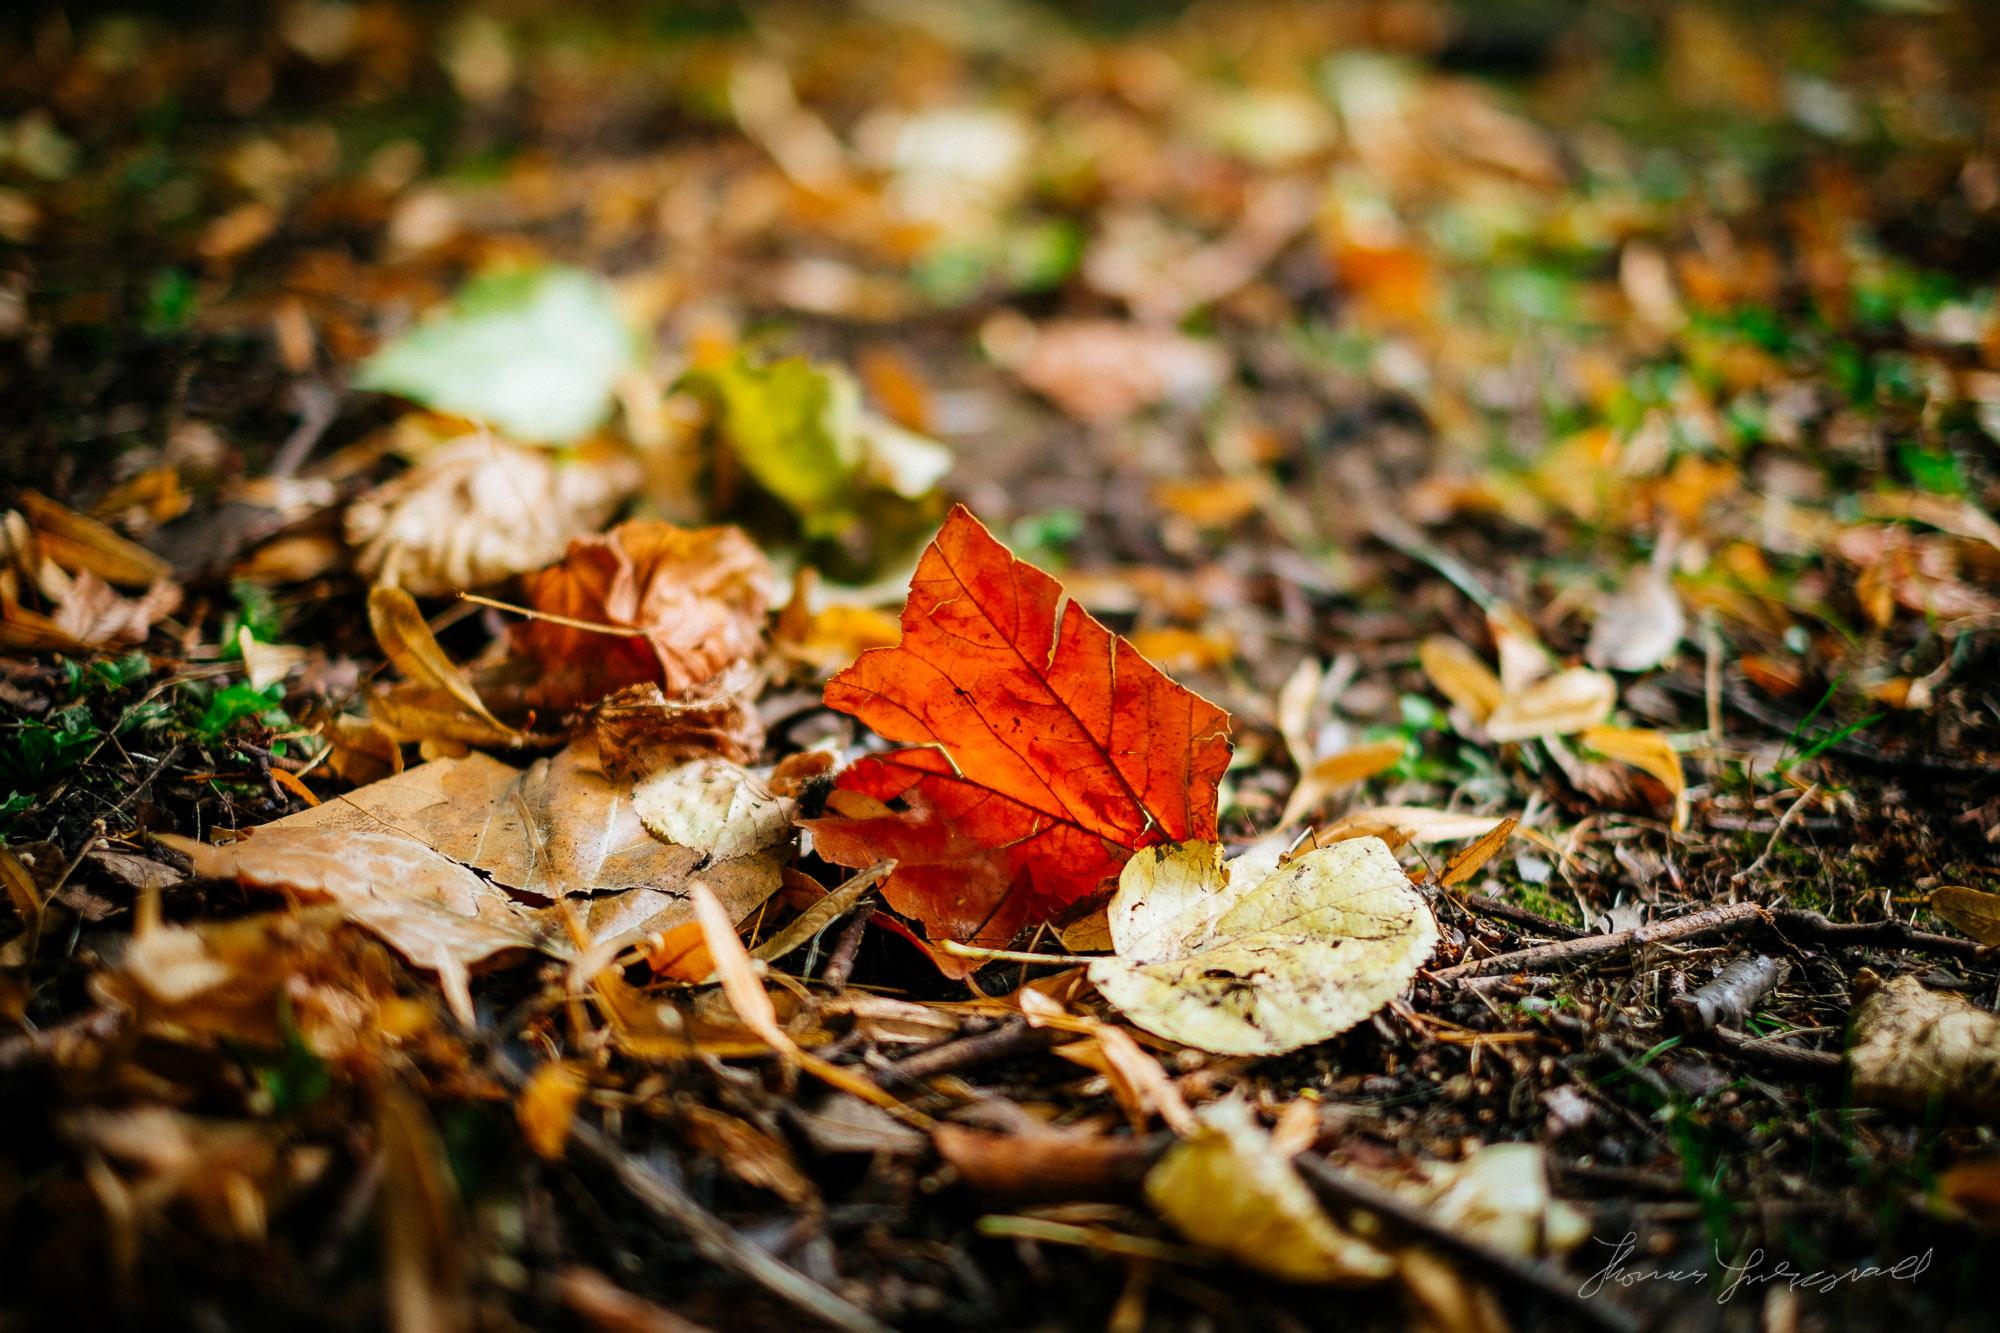 Autumn Leaf - Fuji XE1 + VSCO Film 4